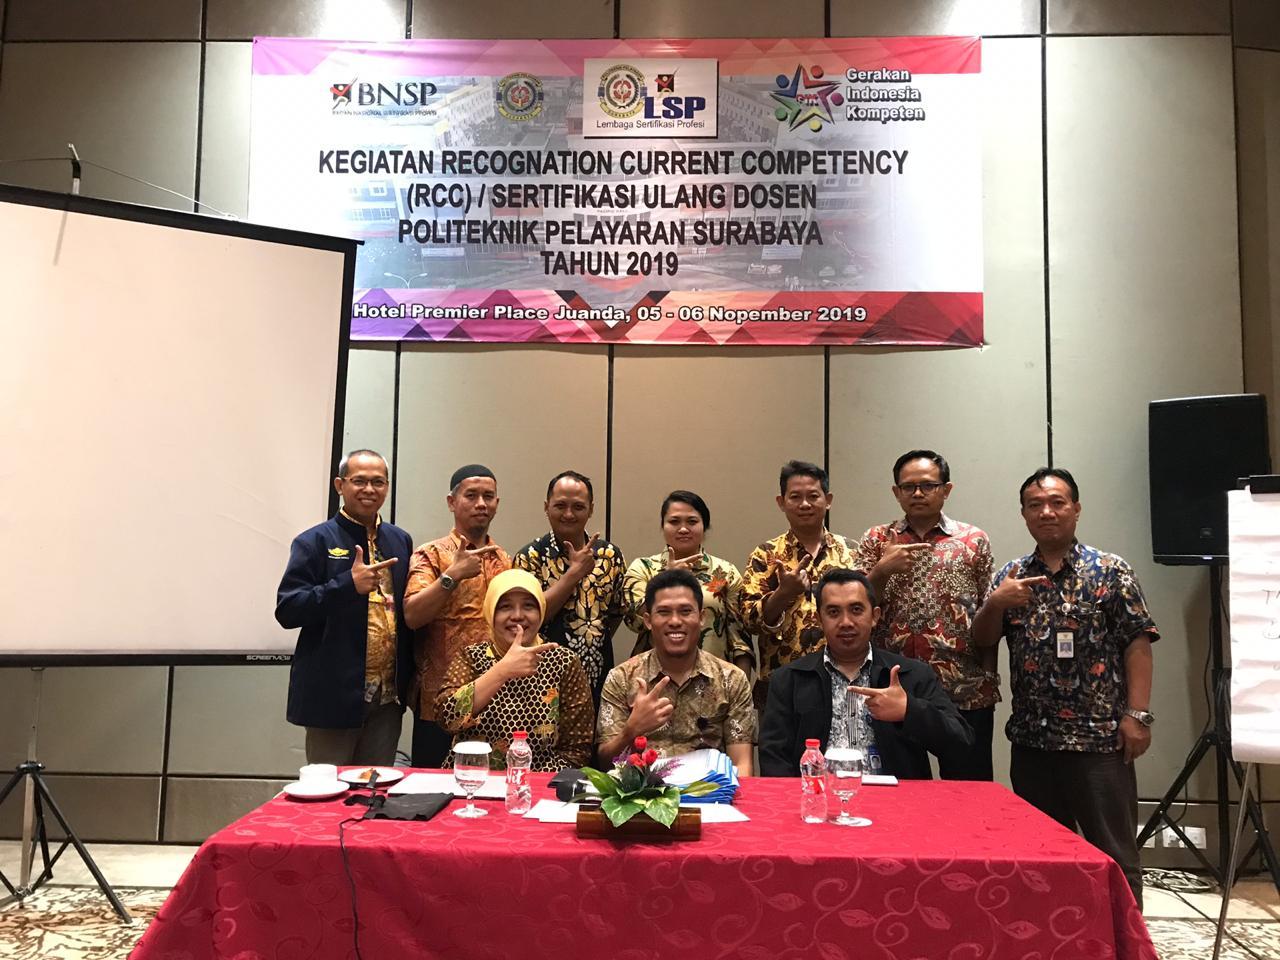 PELATIHAN RCC (Recognition Current Competency) & Pelatihan ASKOM (Assesor Kompetensi) di LSP Politeknik Pelayaran Surabaya